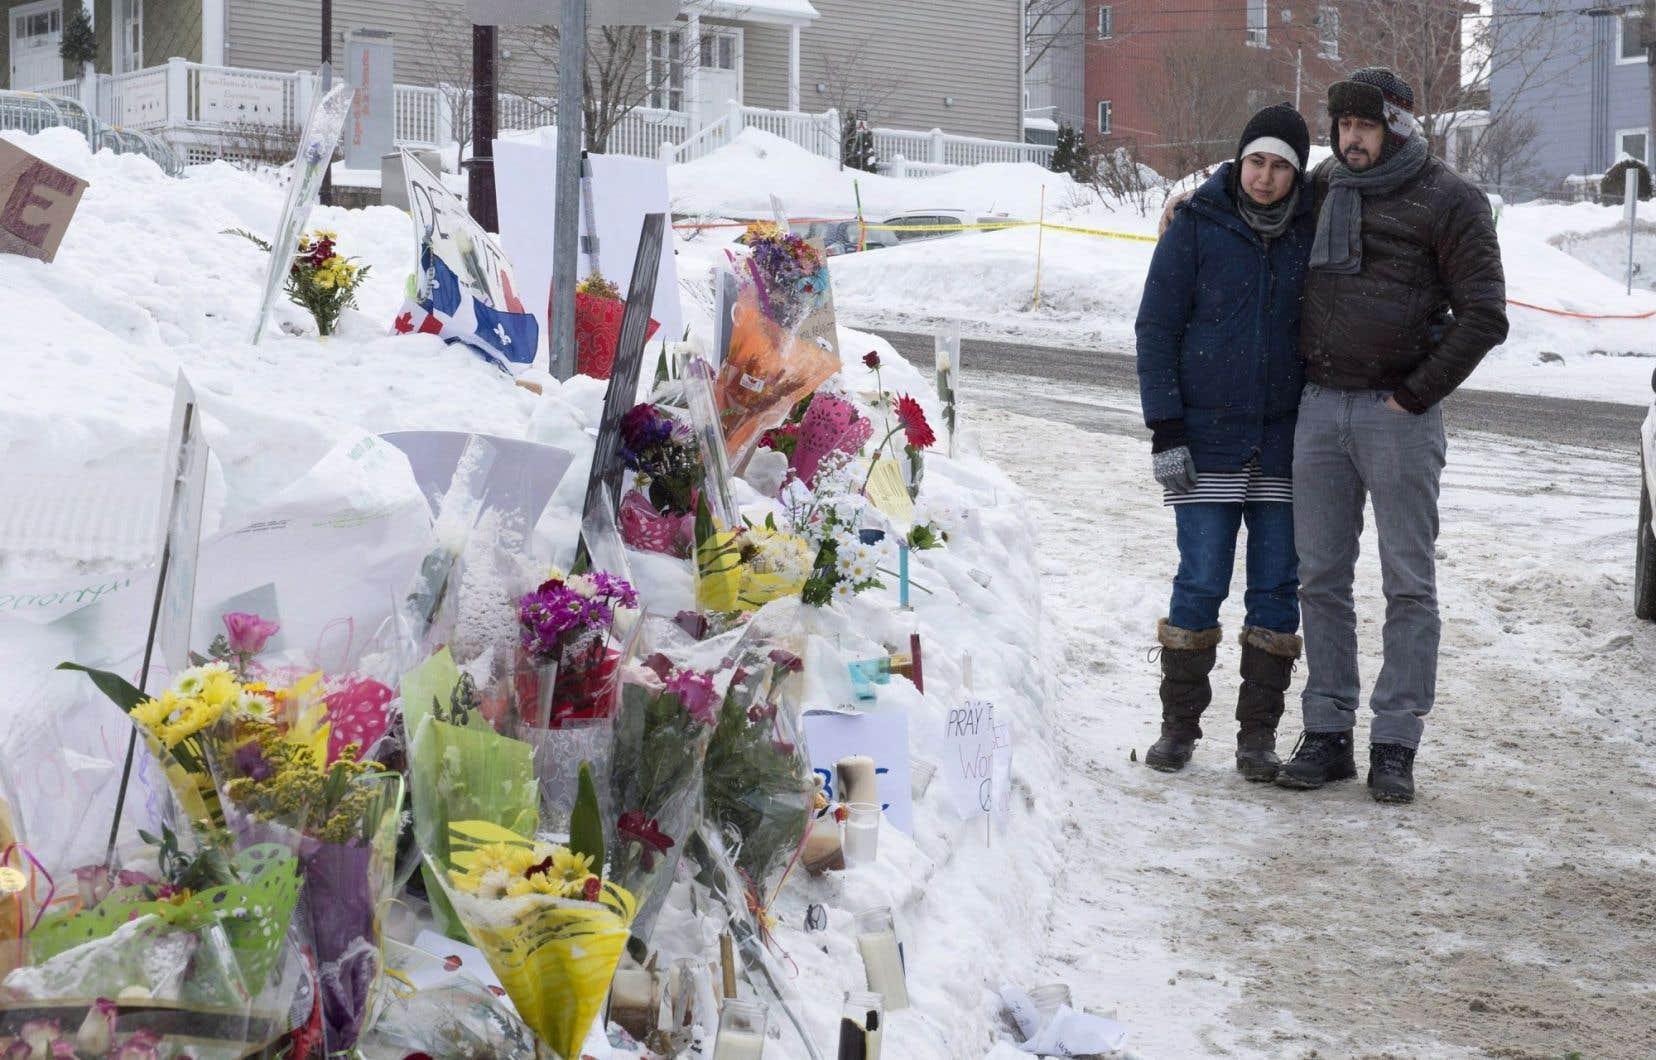 Lancée lundi soir, une campagne de financement a permis d'amasser 190000$, à la fois pour organiser les funérailles des victimes et pour venir en aide aux familles.